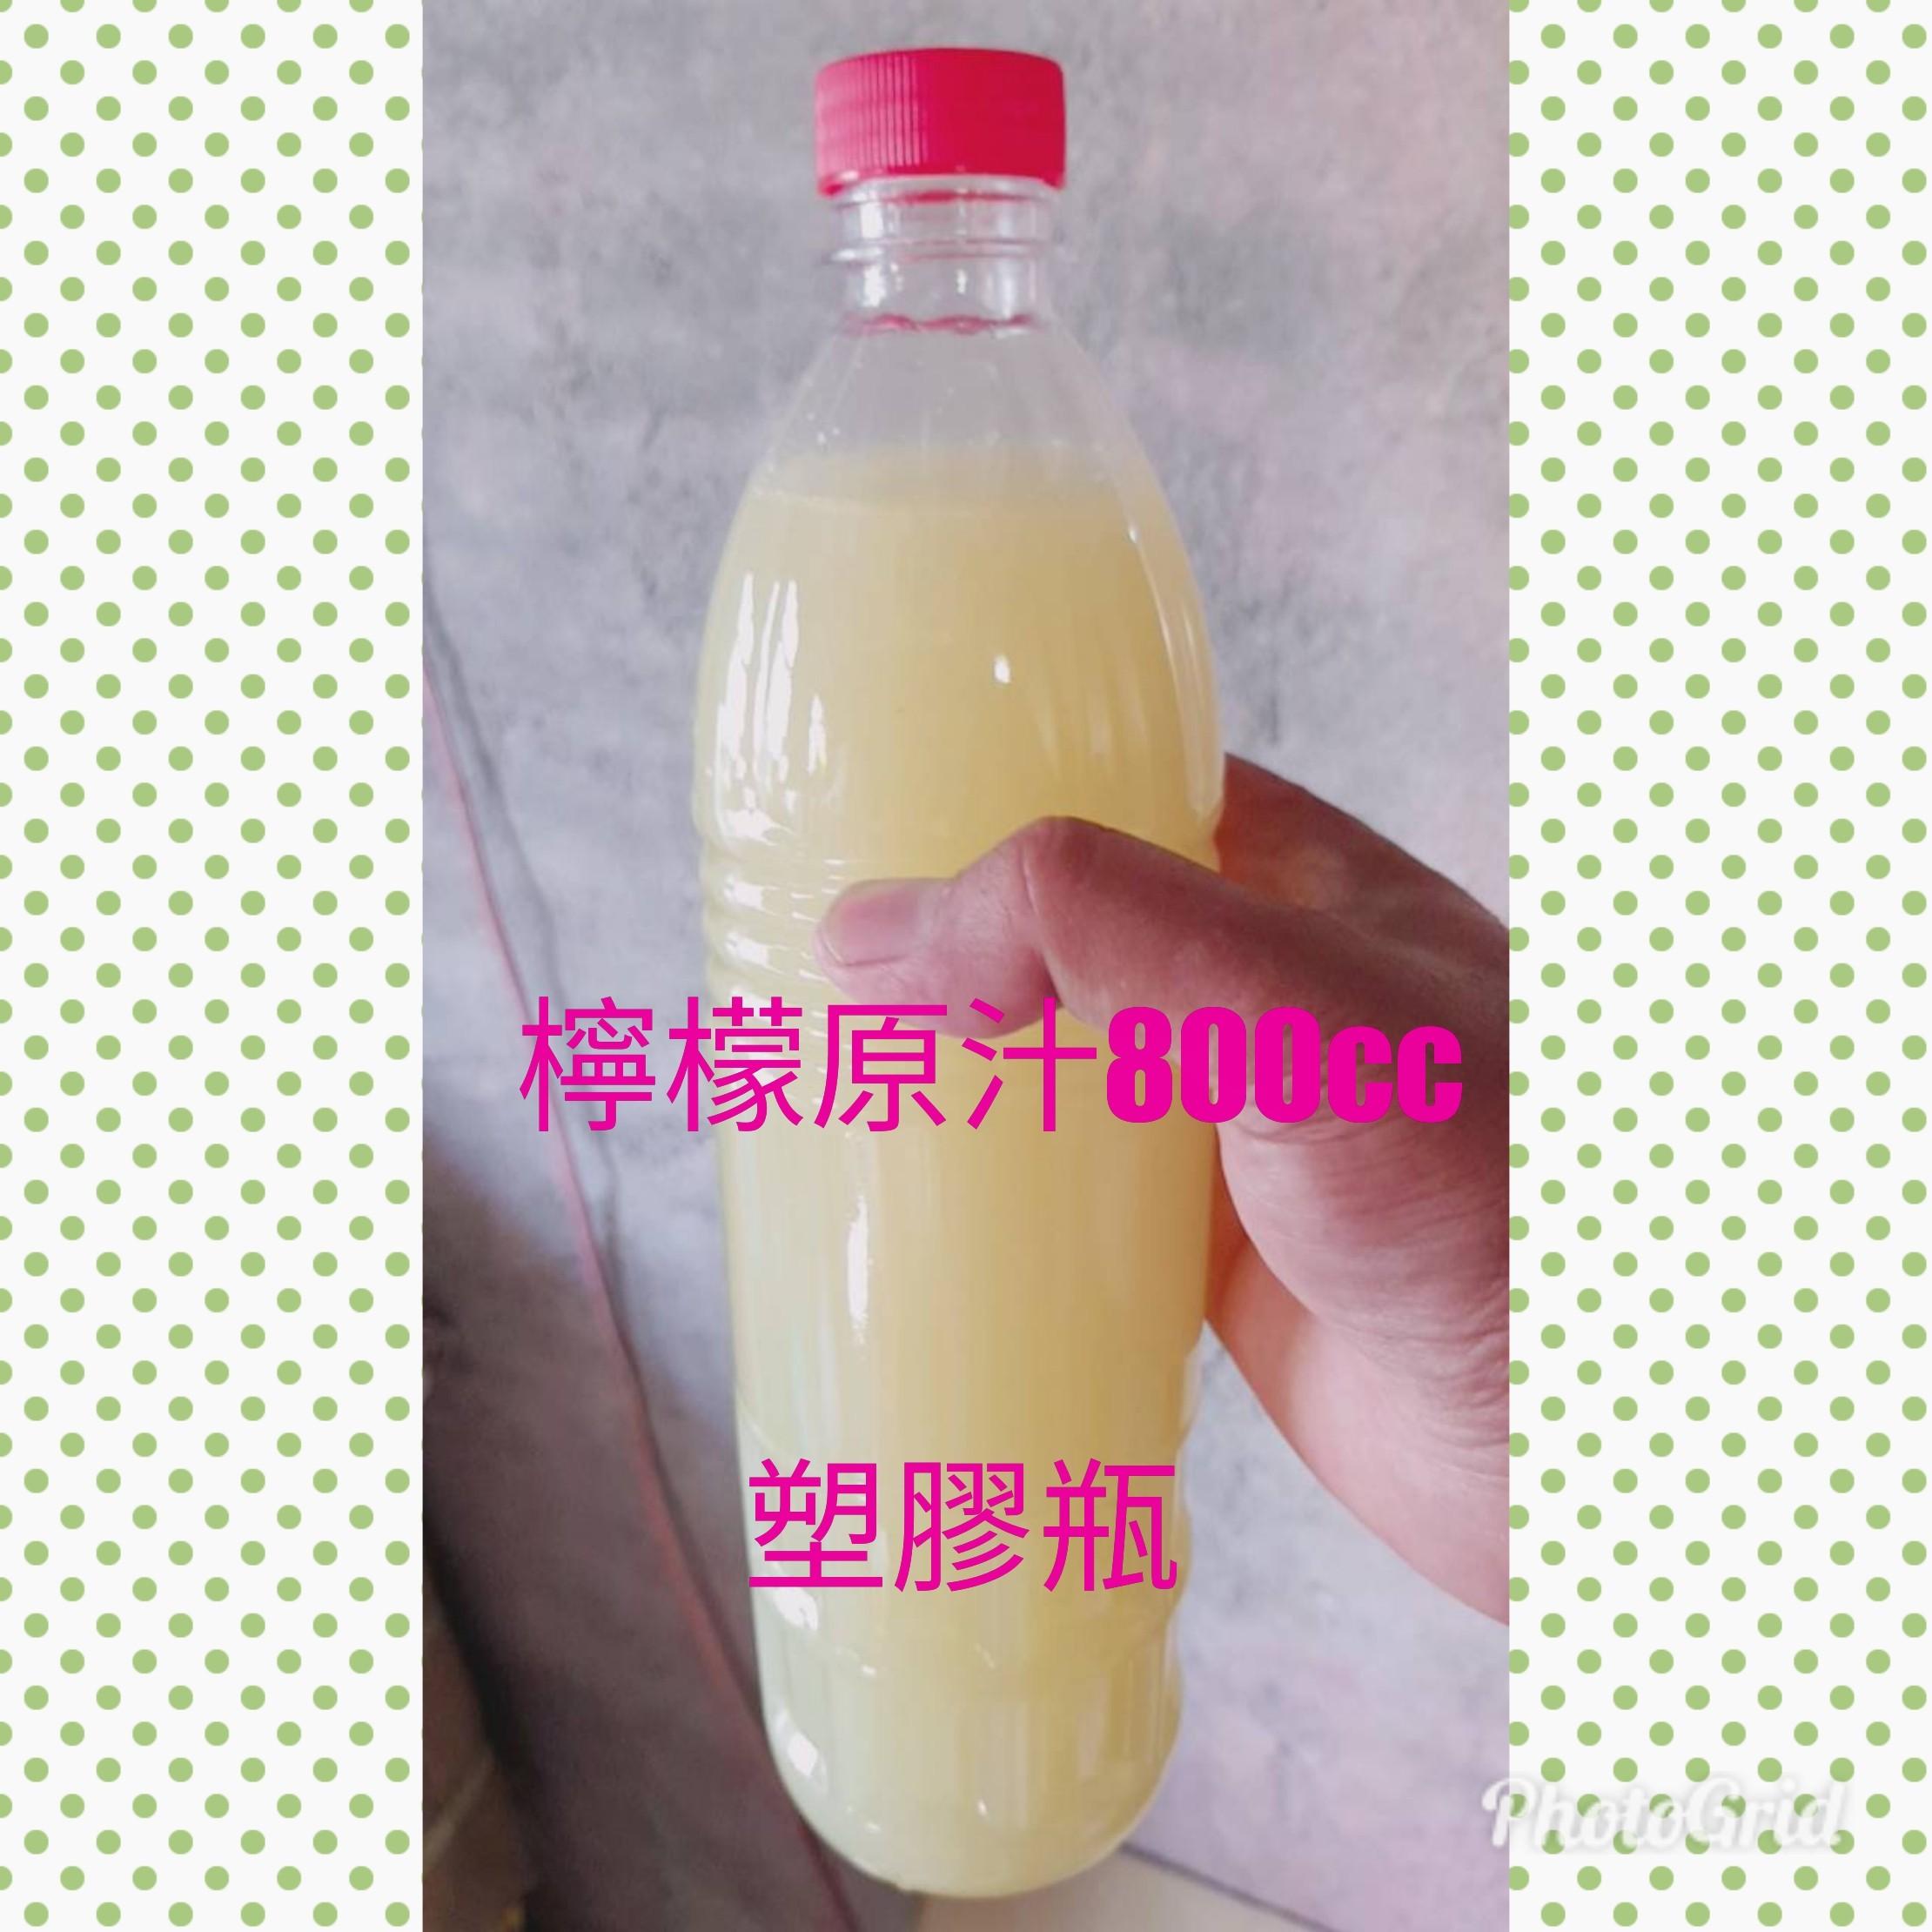 8月份特價無毒檸檬原汁 | 鮮檸檬汁 | 檸檬汁 | 檸檬水 | TLS全新生活800cc(26瓶)【塑膠瓶裝】結帳輸入折扣碼「IU205AQRTSRP」,在打【85】折